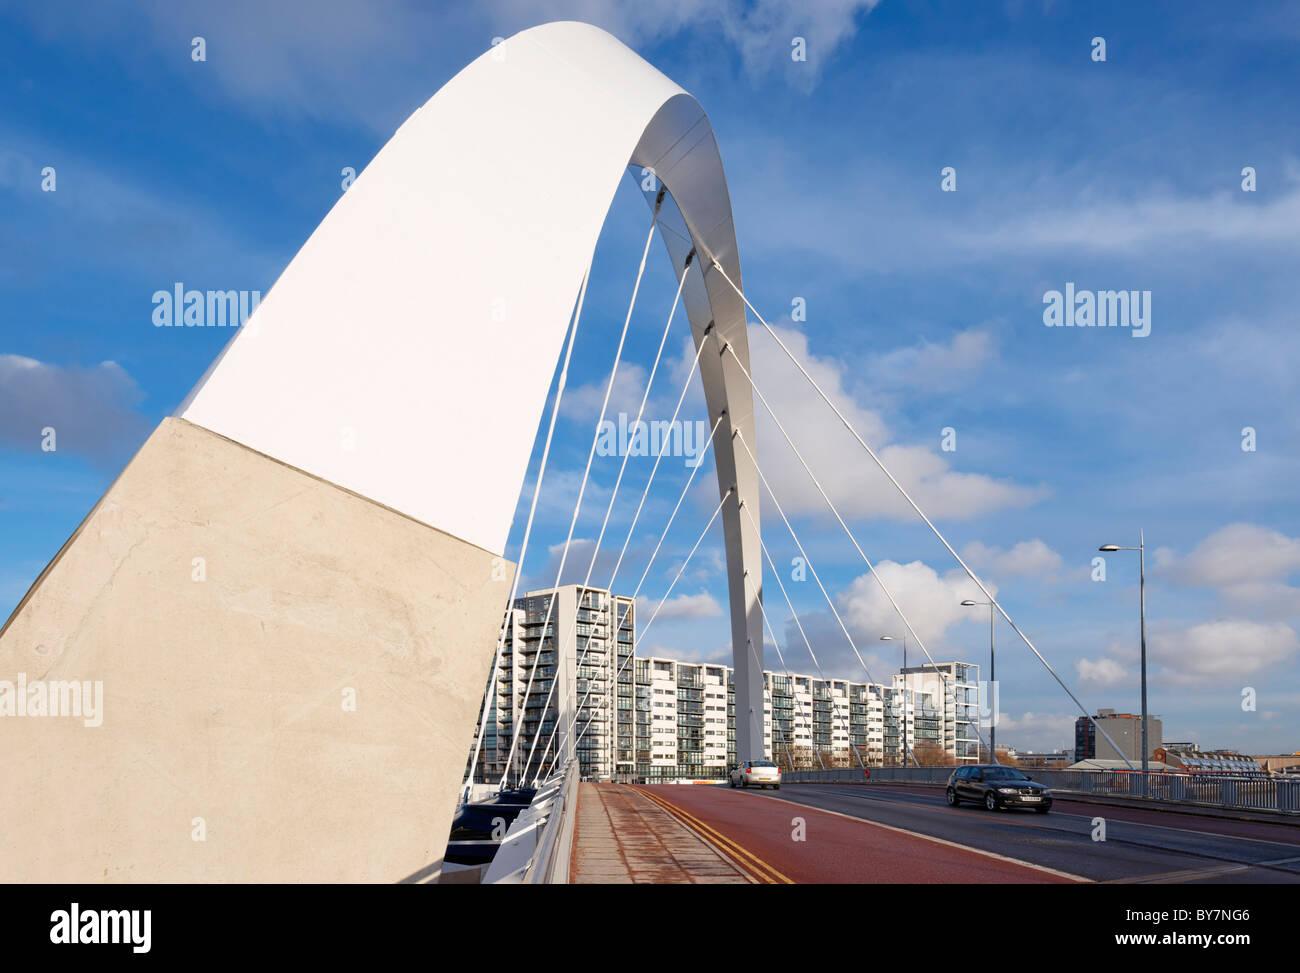 El Clyde Arc puente que cruza el río Clyde y el edificio India Quay, Glasgow, Escocia, Reino Unido. Foto de stock